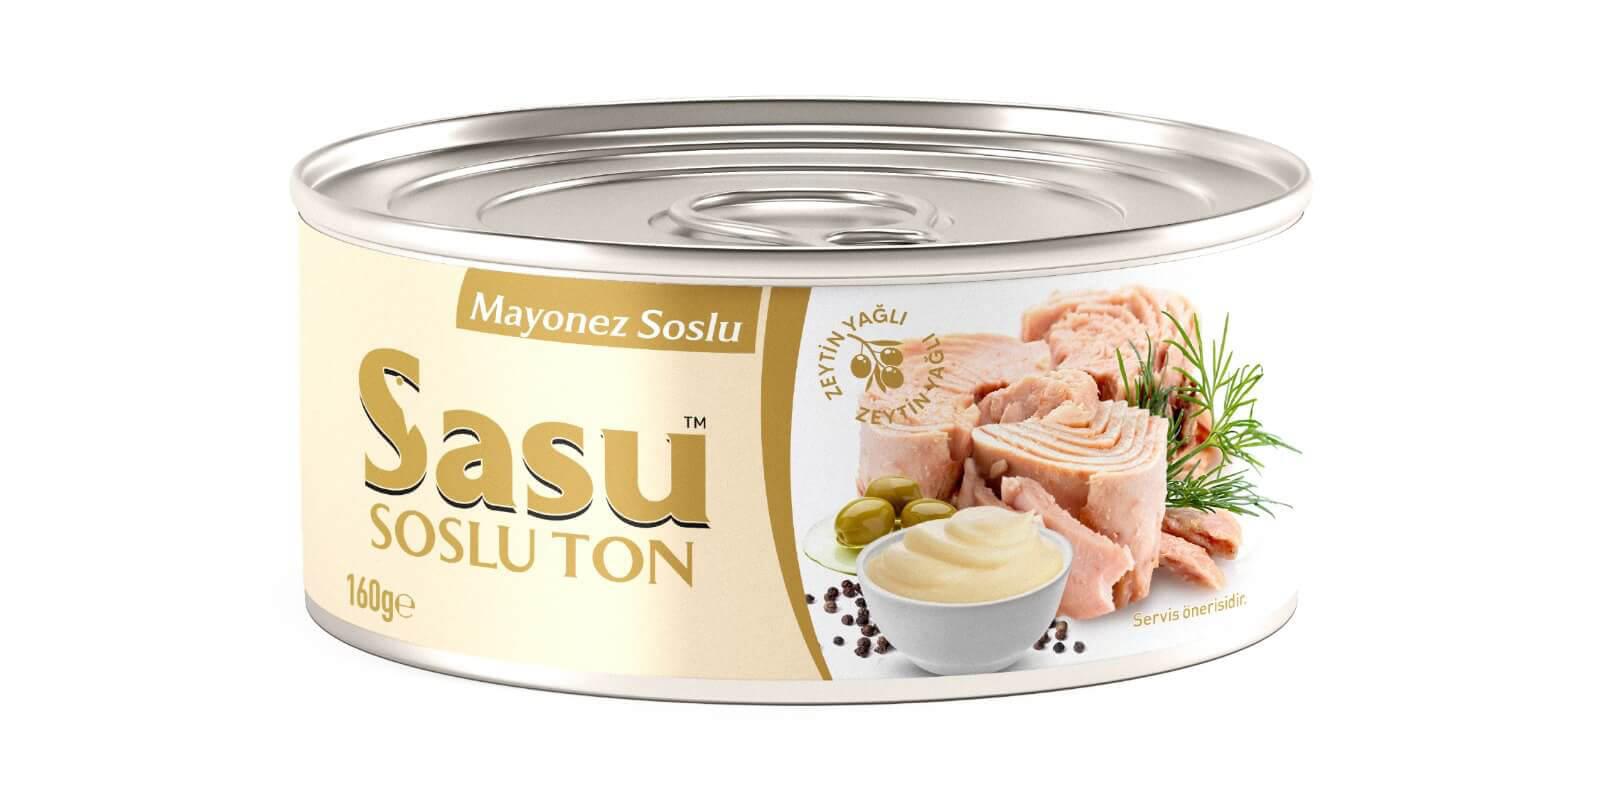 sasu-butun-dilimli-mayonezli-ton-baligi-160gr